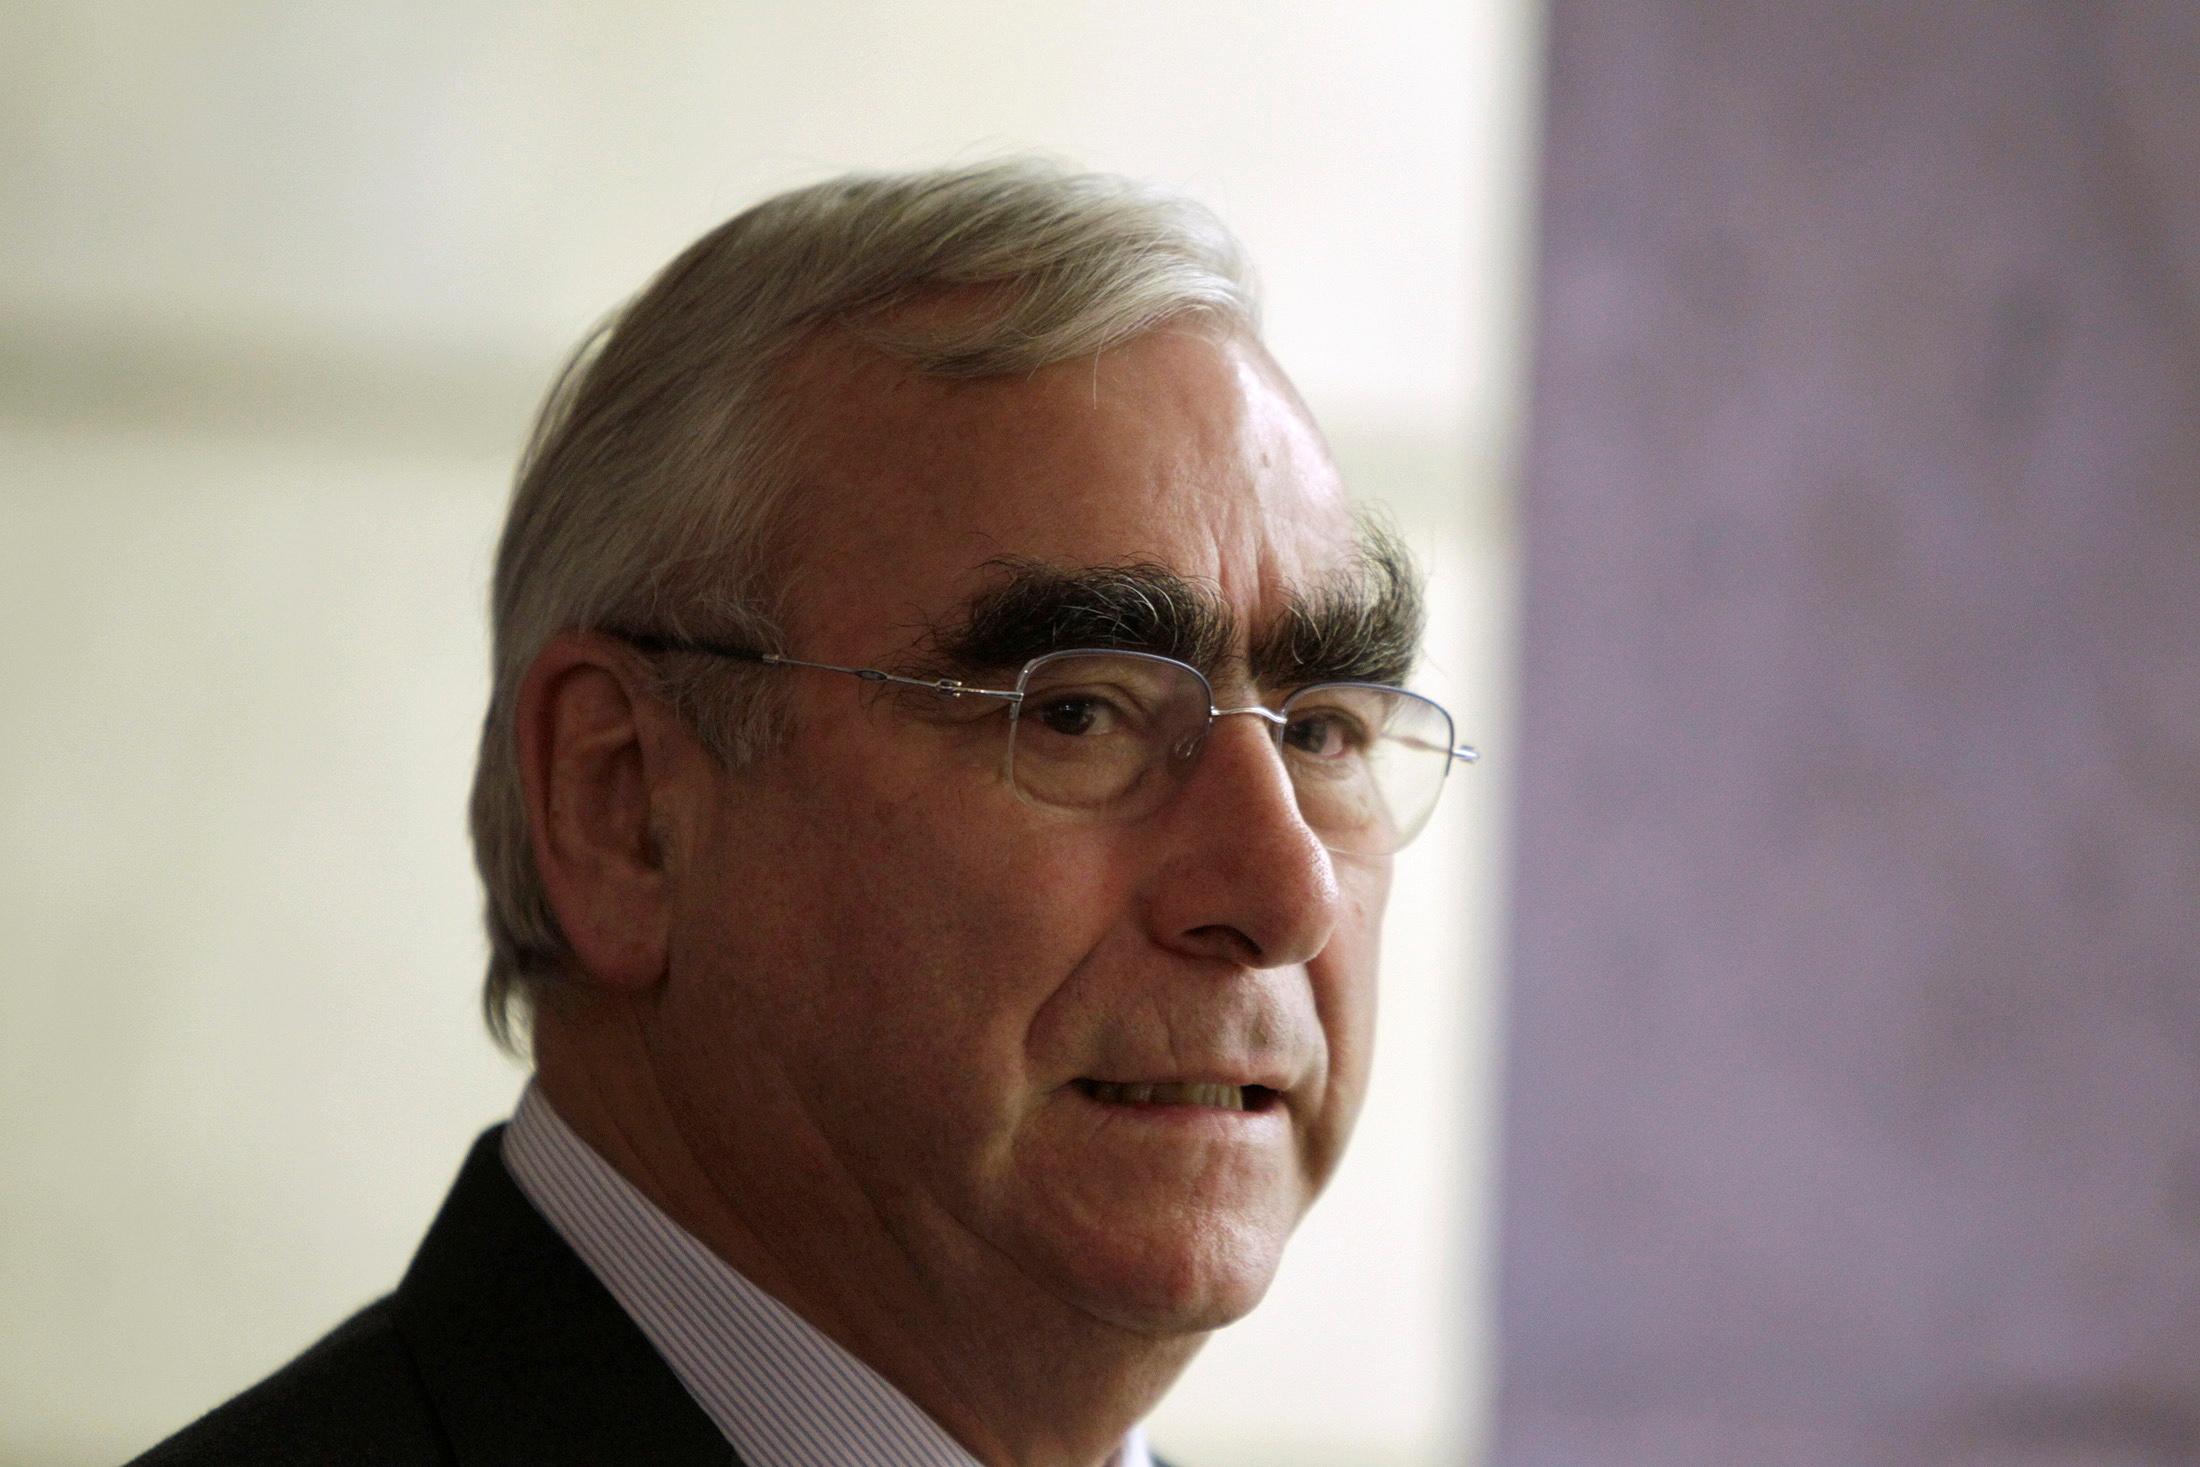 O ex-ministro das Finanças alemão Theo Waigel em Berlim, 28 de setembro de 2010. REUTERS / Tobias Schwarz / Foto de arquivo